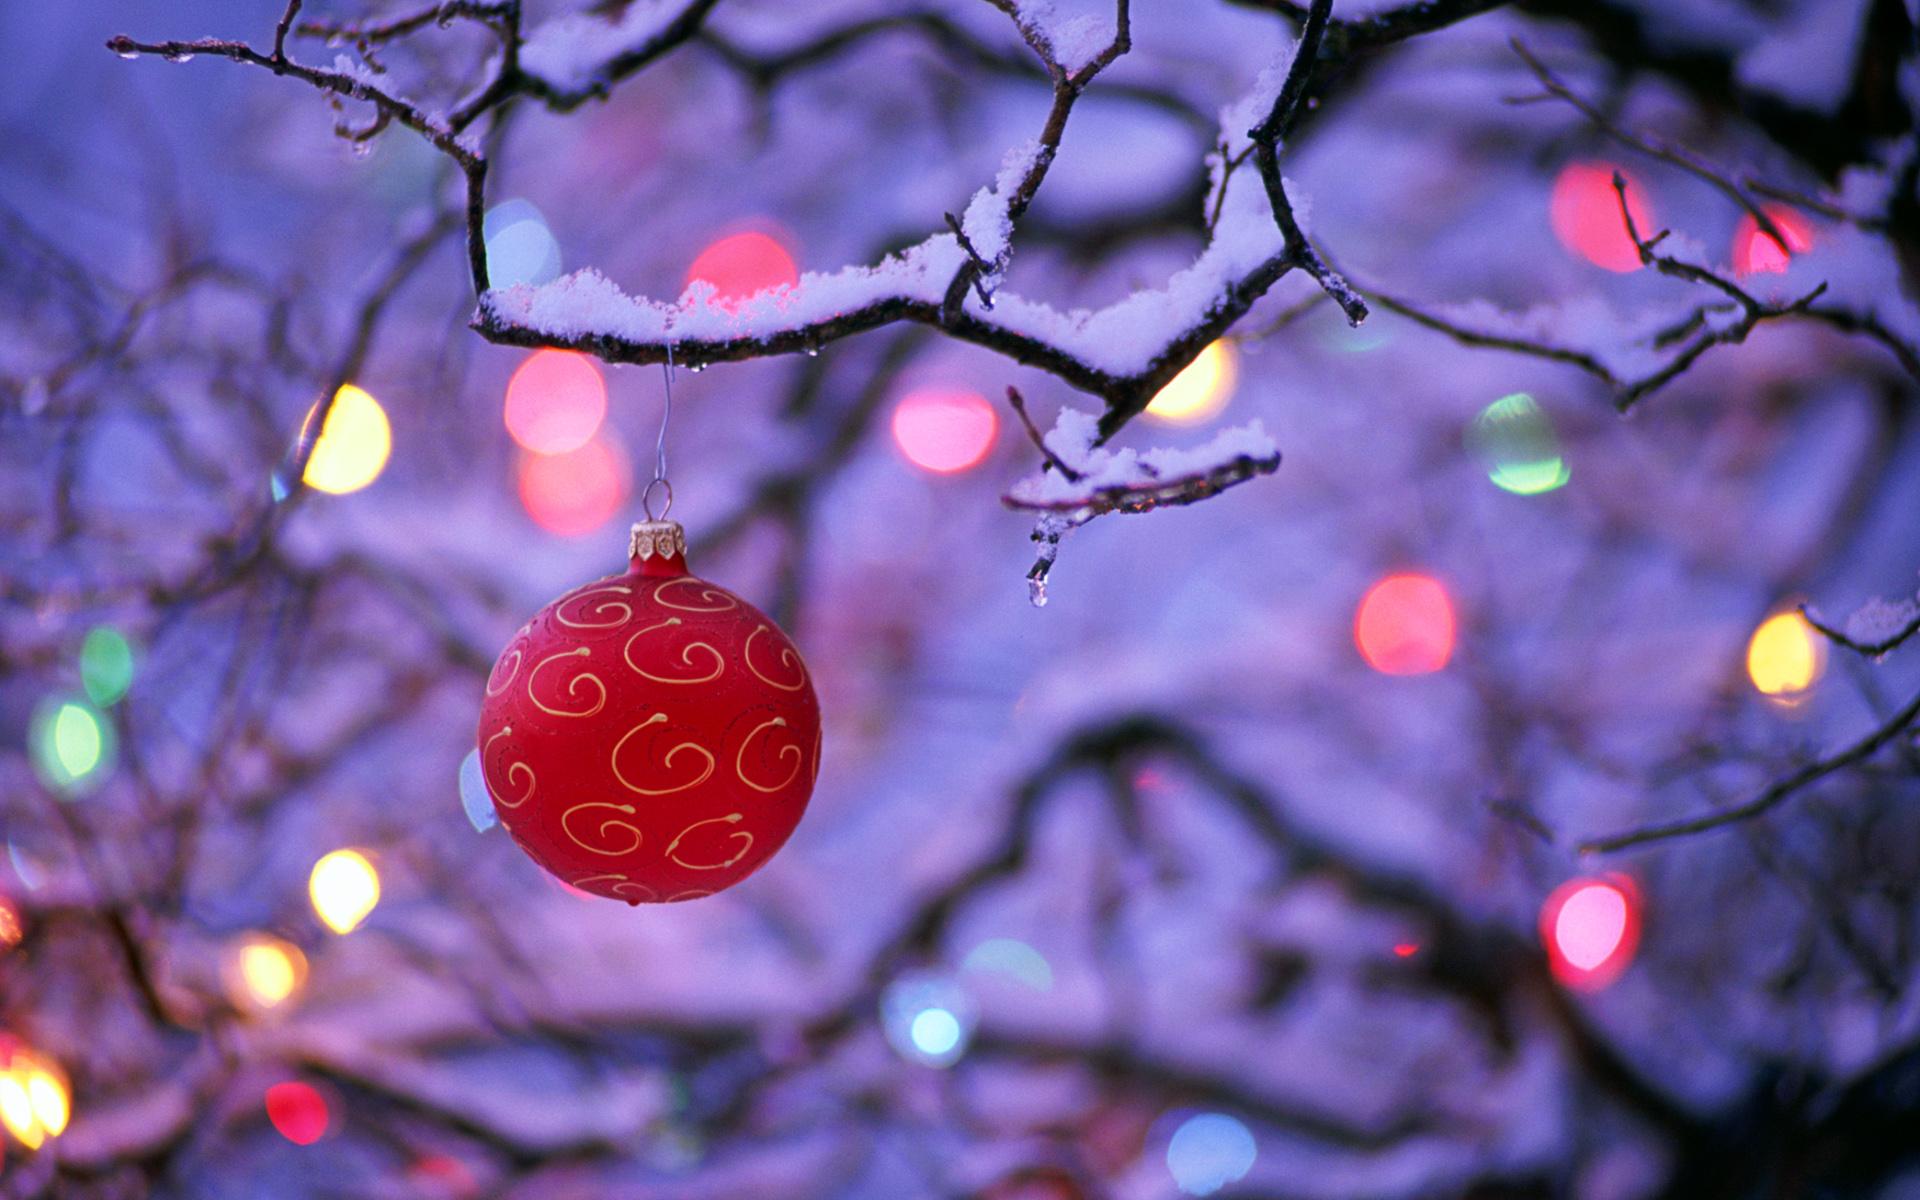 2015 Christmas desktop photos   wallpaprs images pics 1920x1200